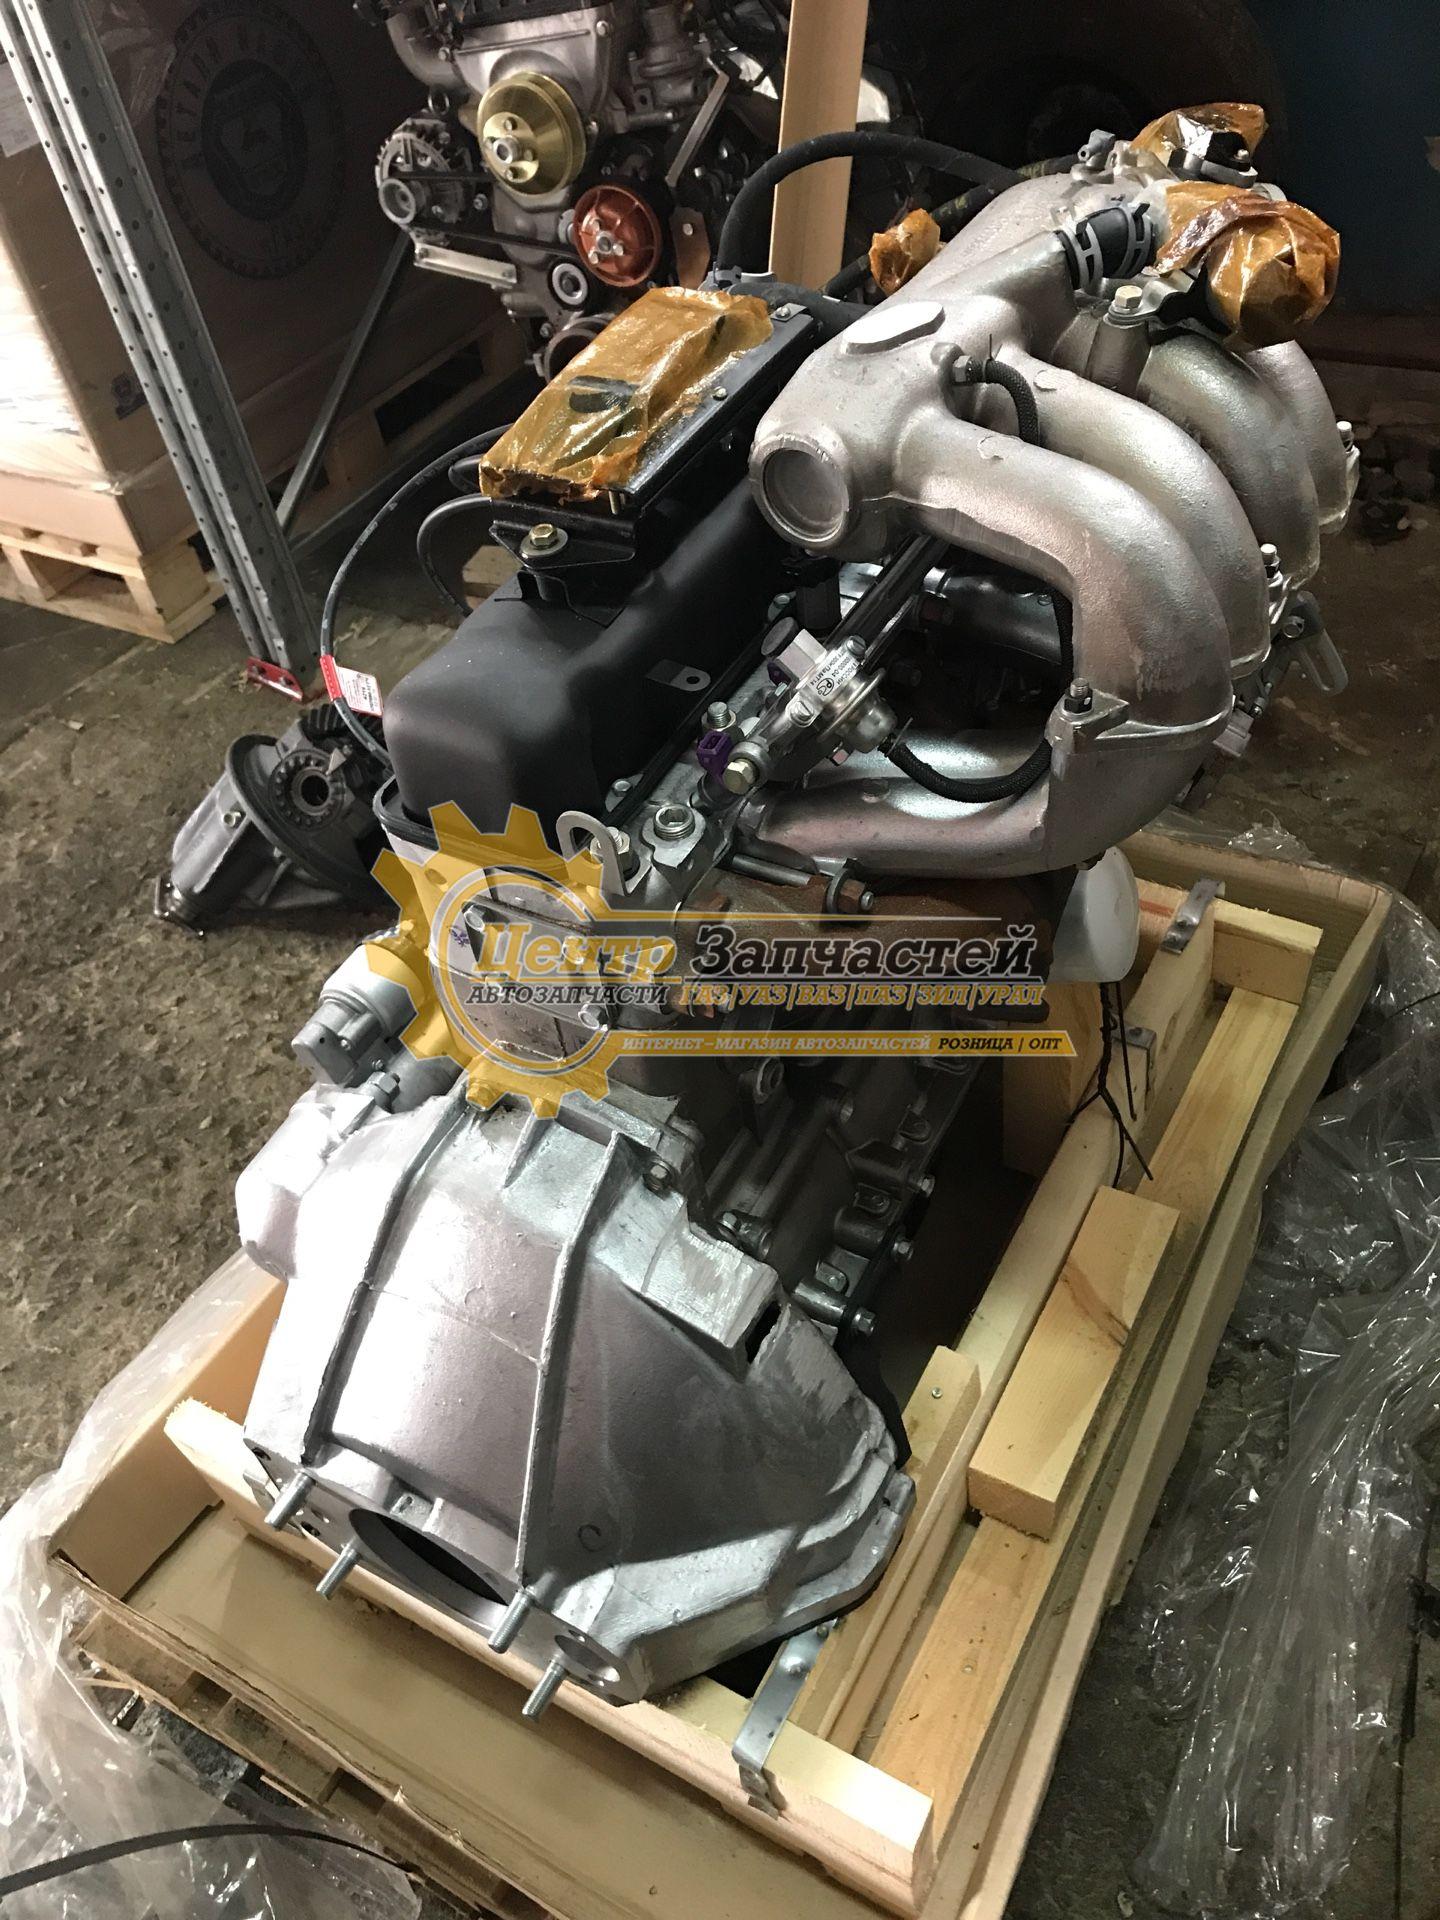 Двигатель УМЗ-4213 евро-3 для грузовых  коммерческого автомобиля «УАЗ» диафрагмируемым сцеплением. Мощность 107 л.с. Артикул 4213.1000402-50.